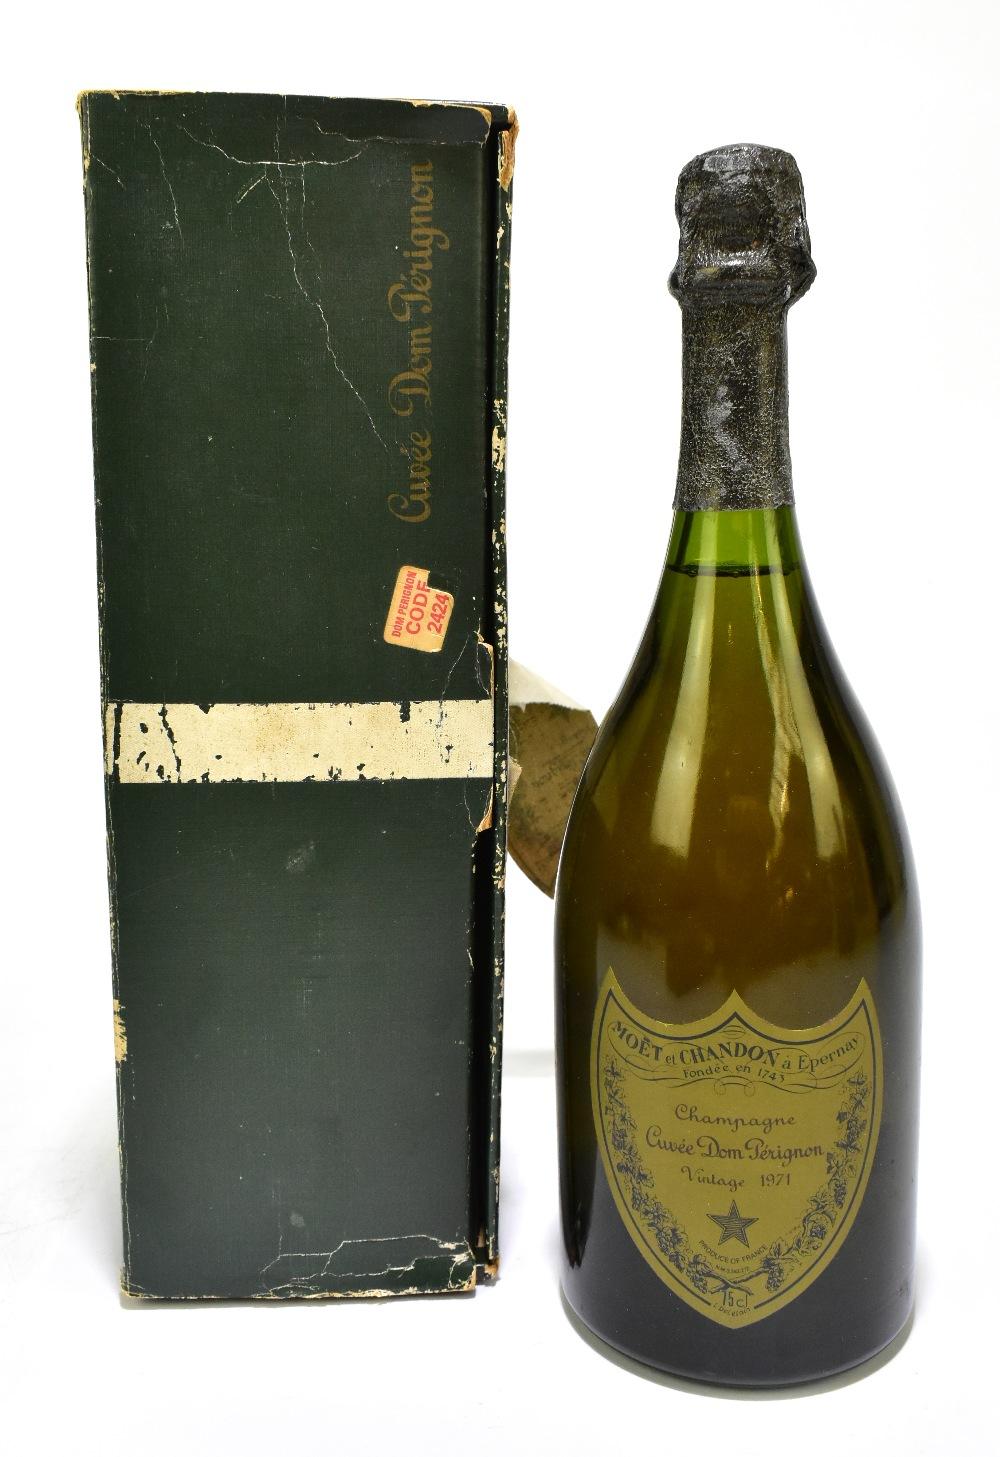 CHAMPAGNE; a single bottle of Möet et Chandon Cuvée Dom Pérignon Vintage 1971 Champagne, 75cl, in